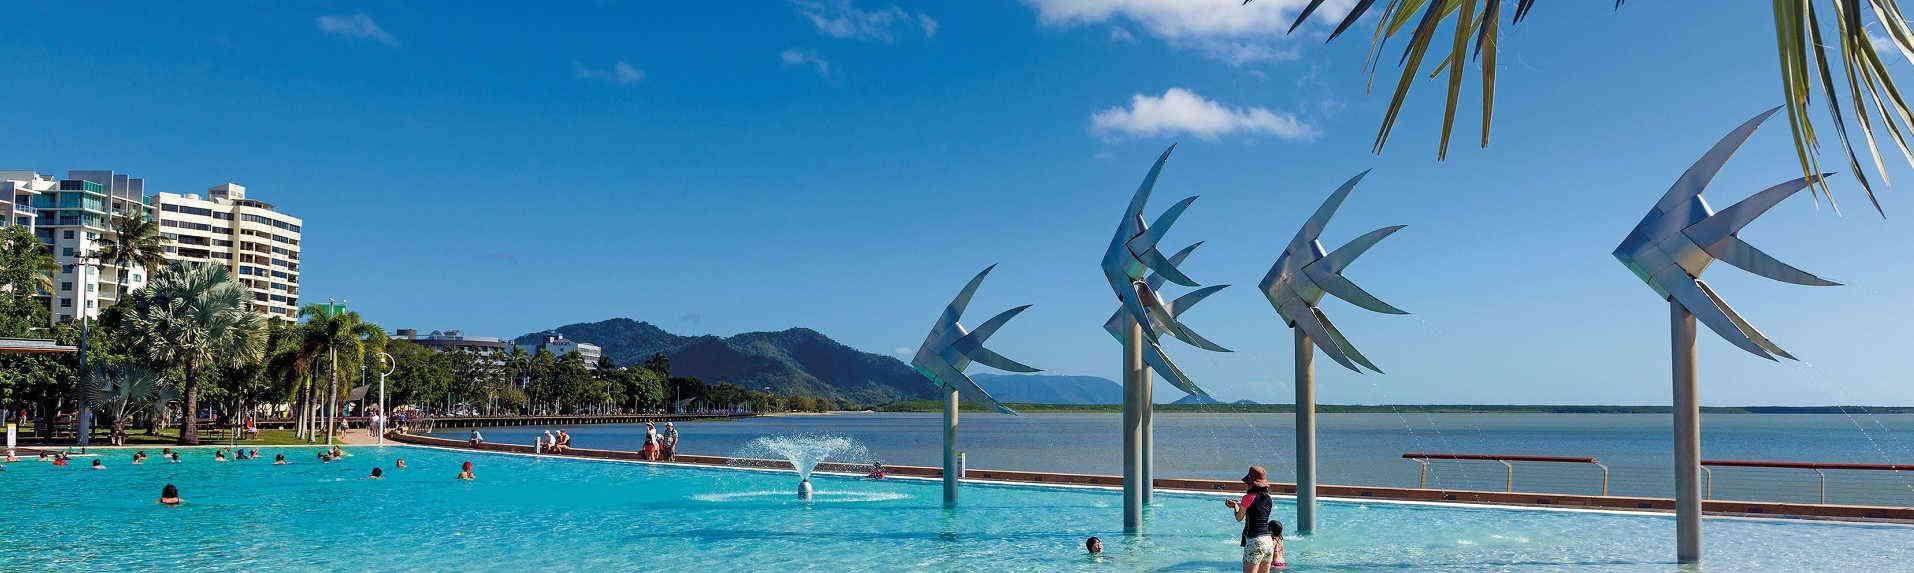 Cairns City Tours